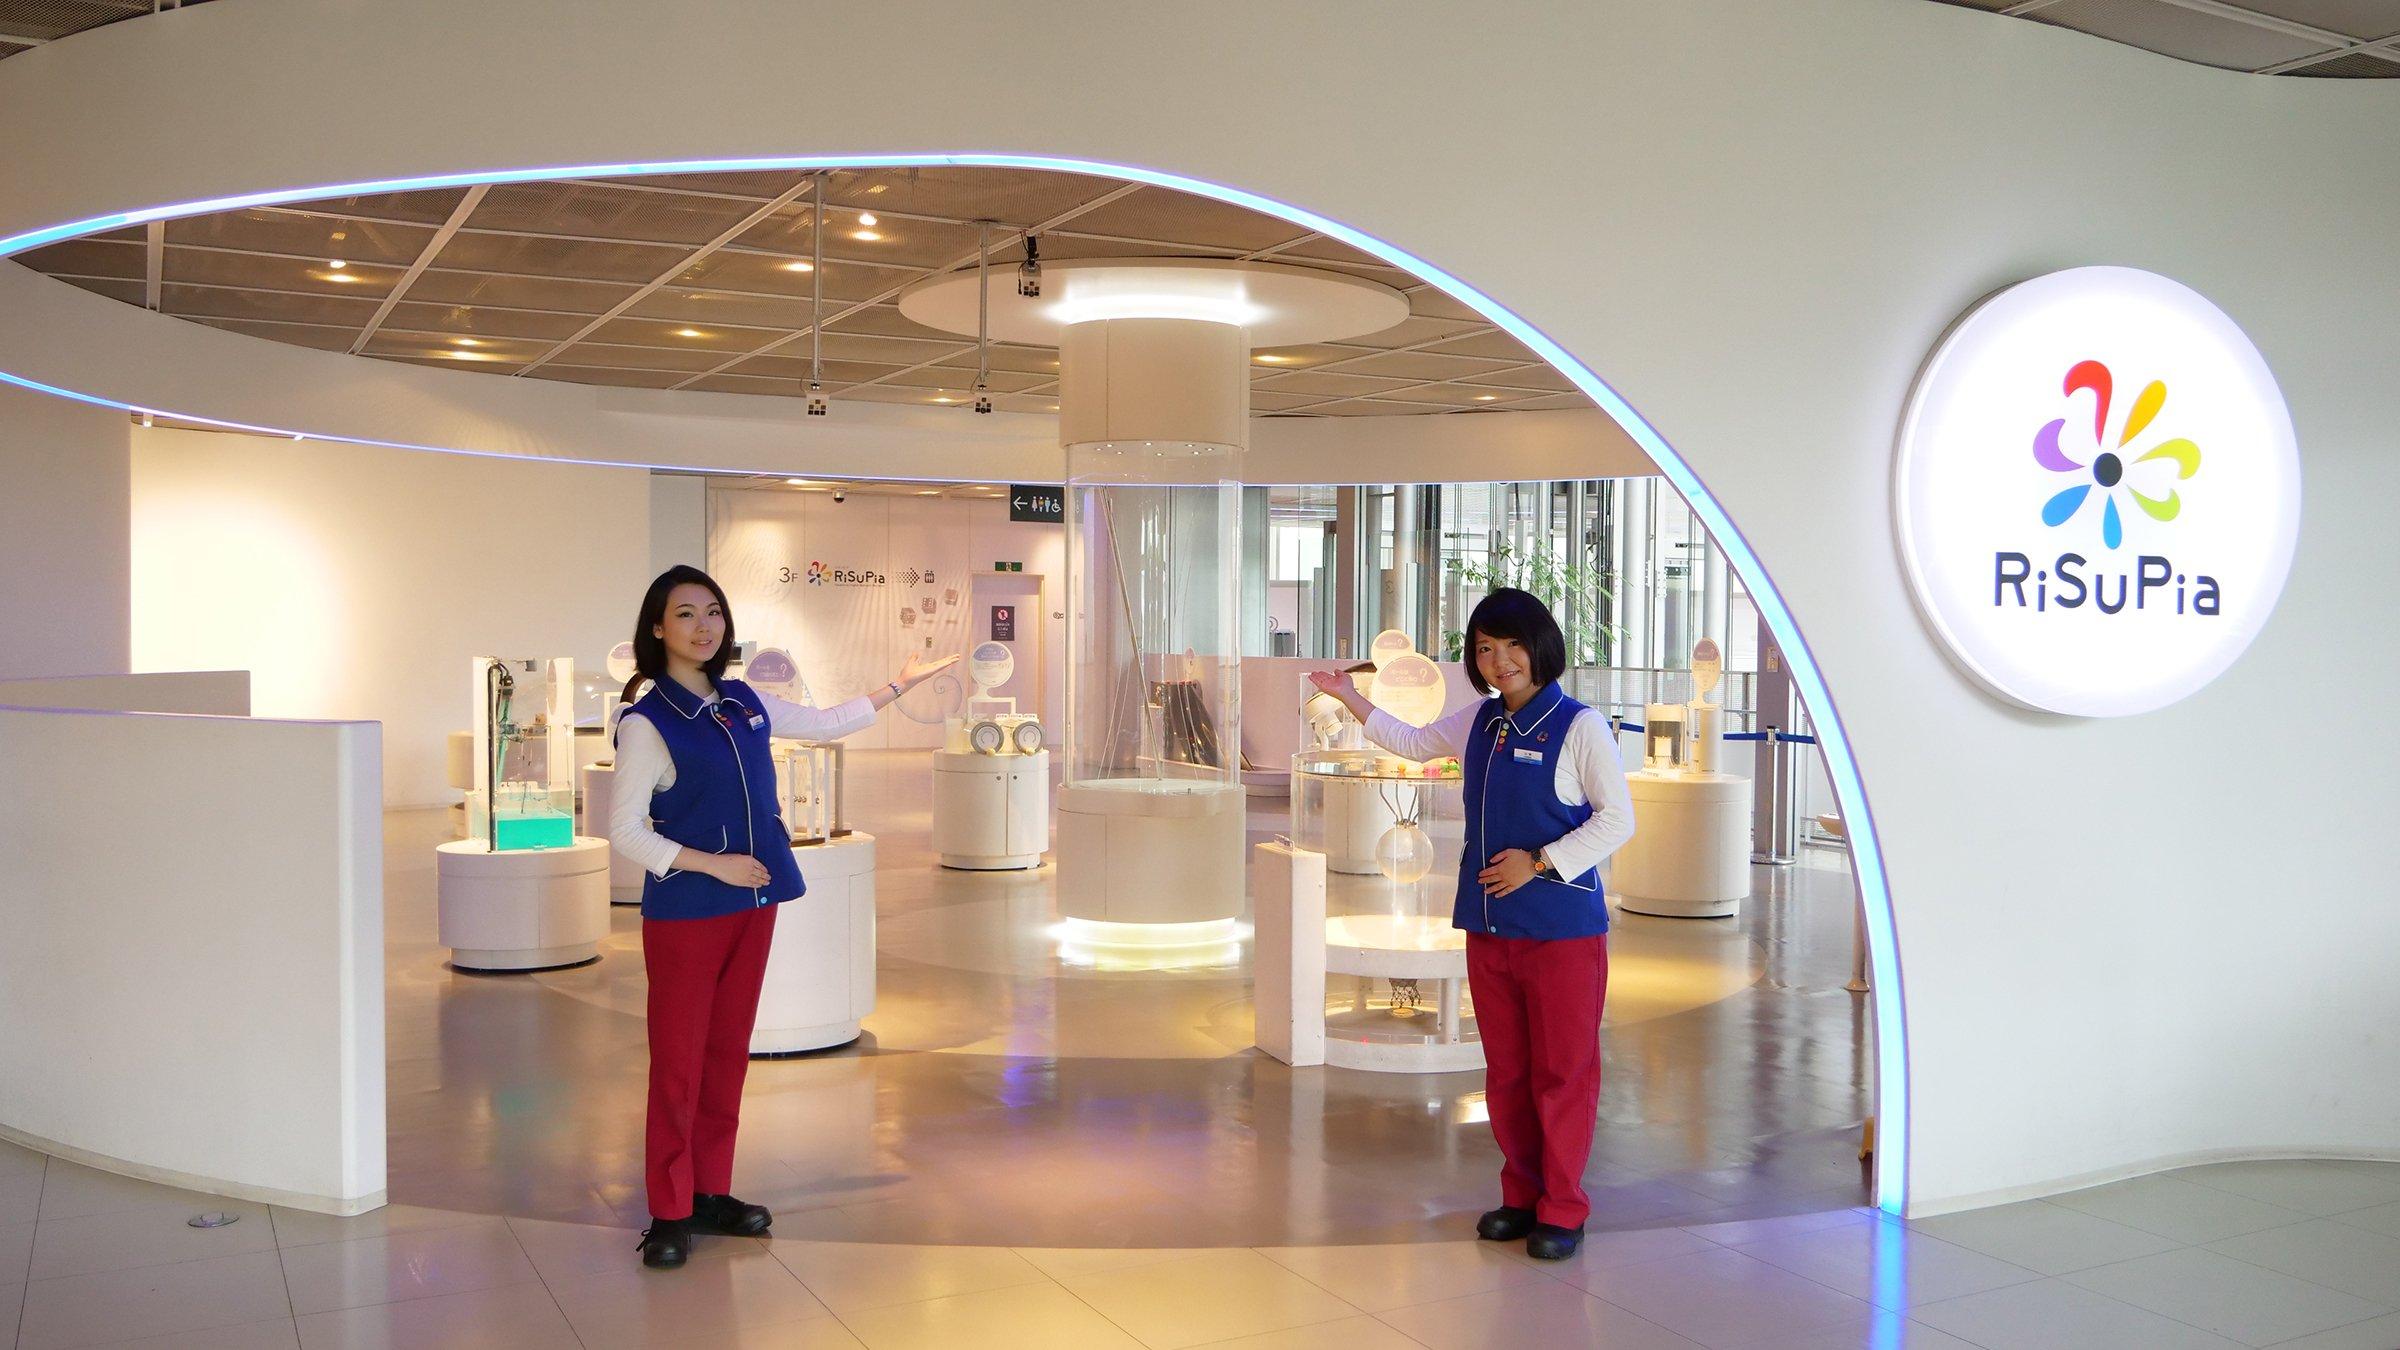 Photo: Experiential museum, RiSuPia.